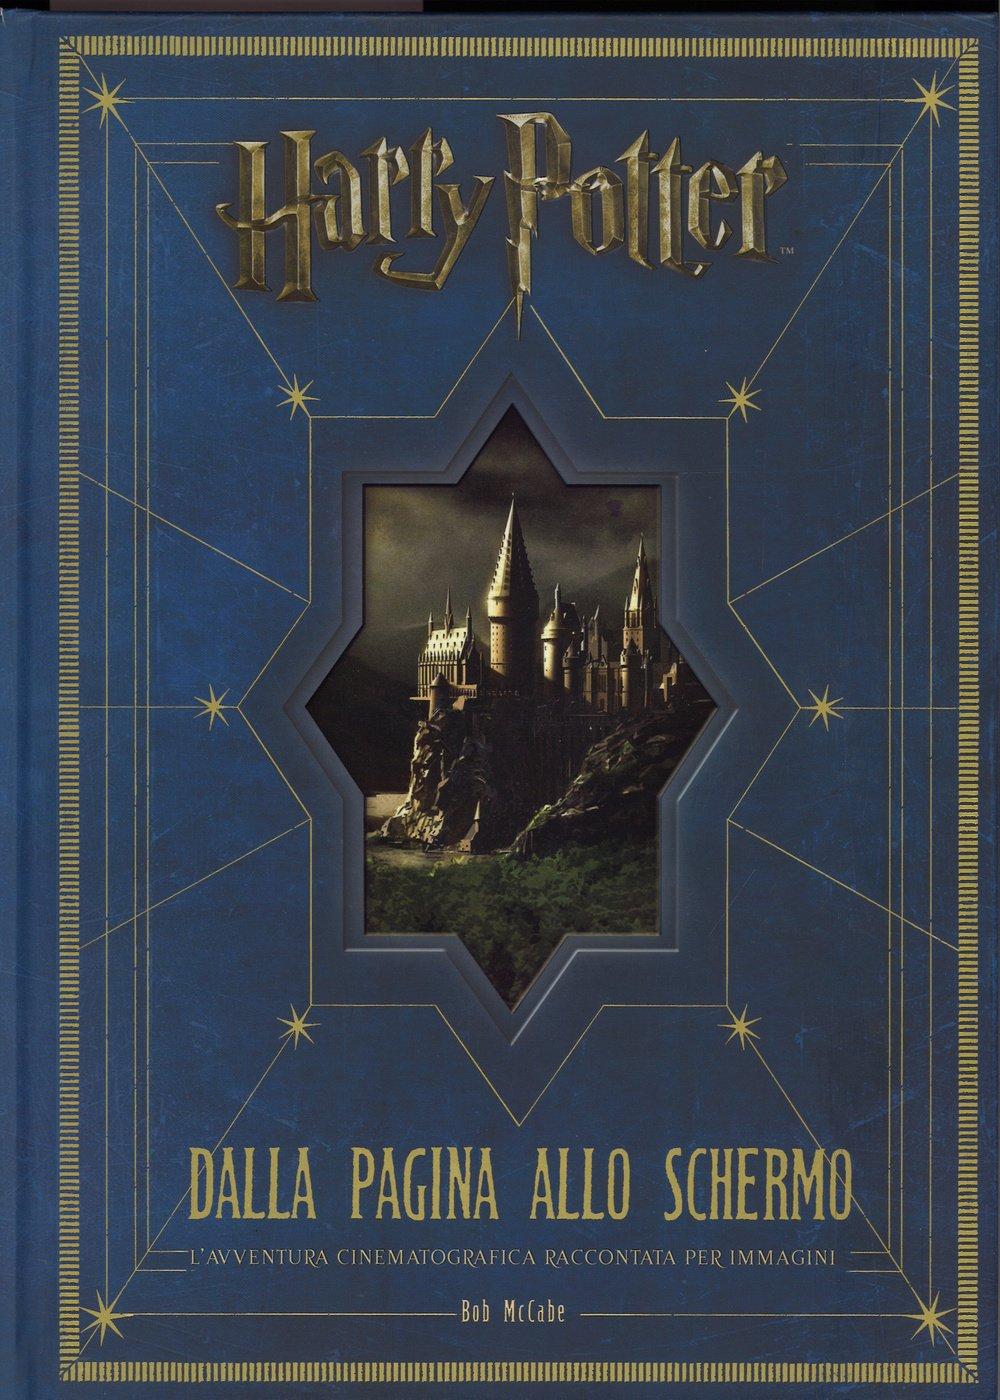 Harry Potter dalla pagina allo schermo. L'avventura cinematografica raccontata per immagini. Ediz. illustrata Copertina rigida – 3 dic 2014 Bob McCabe A. Toscani V. Valli Panini Comics